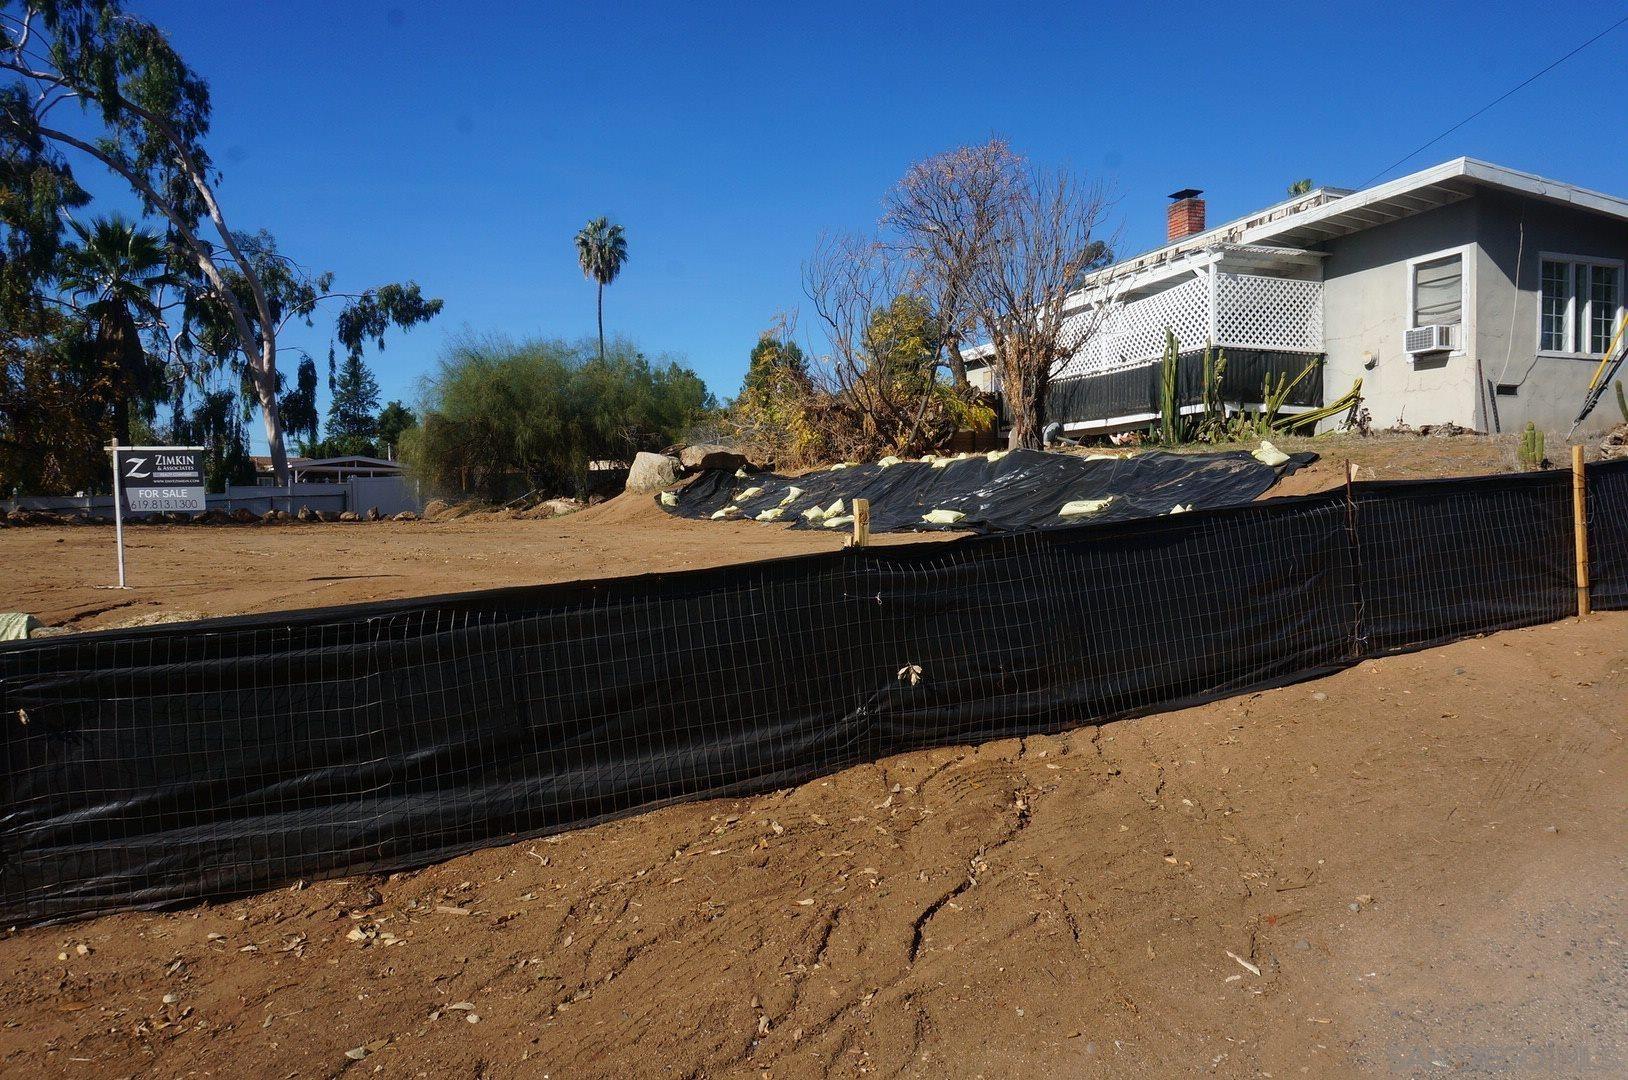 Photo of 9170 Mitzi lane, Lakeside, CA 92040 (MLS # 210008881)